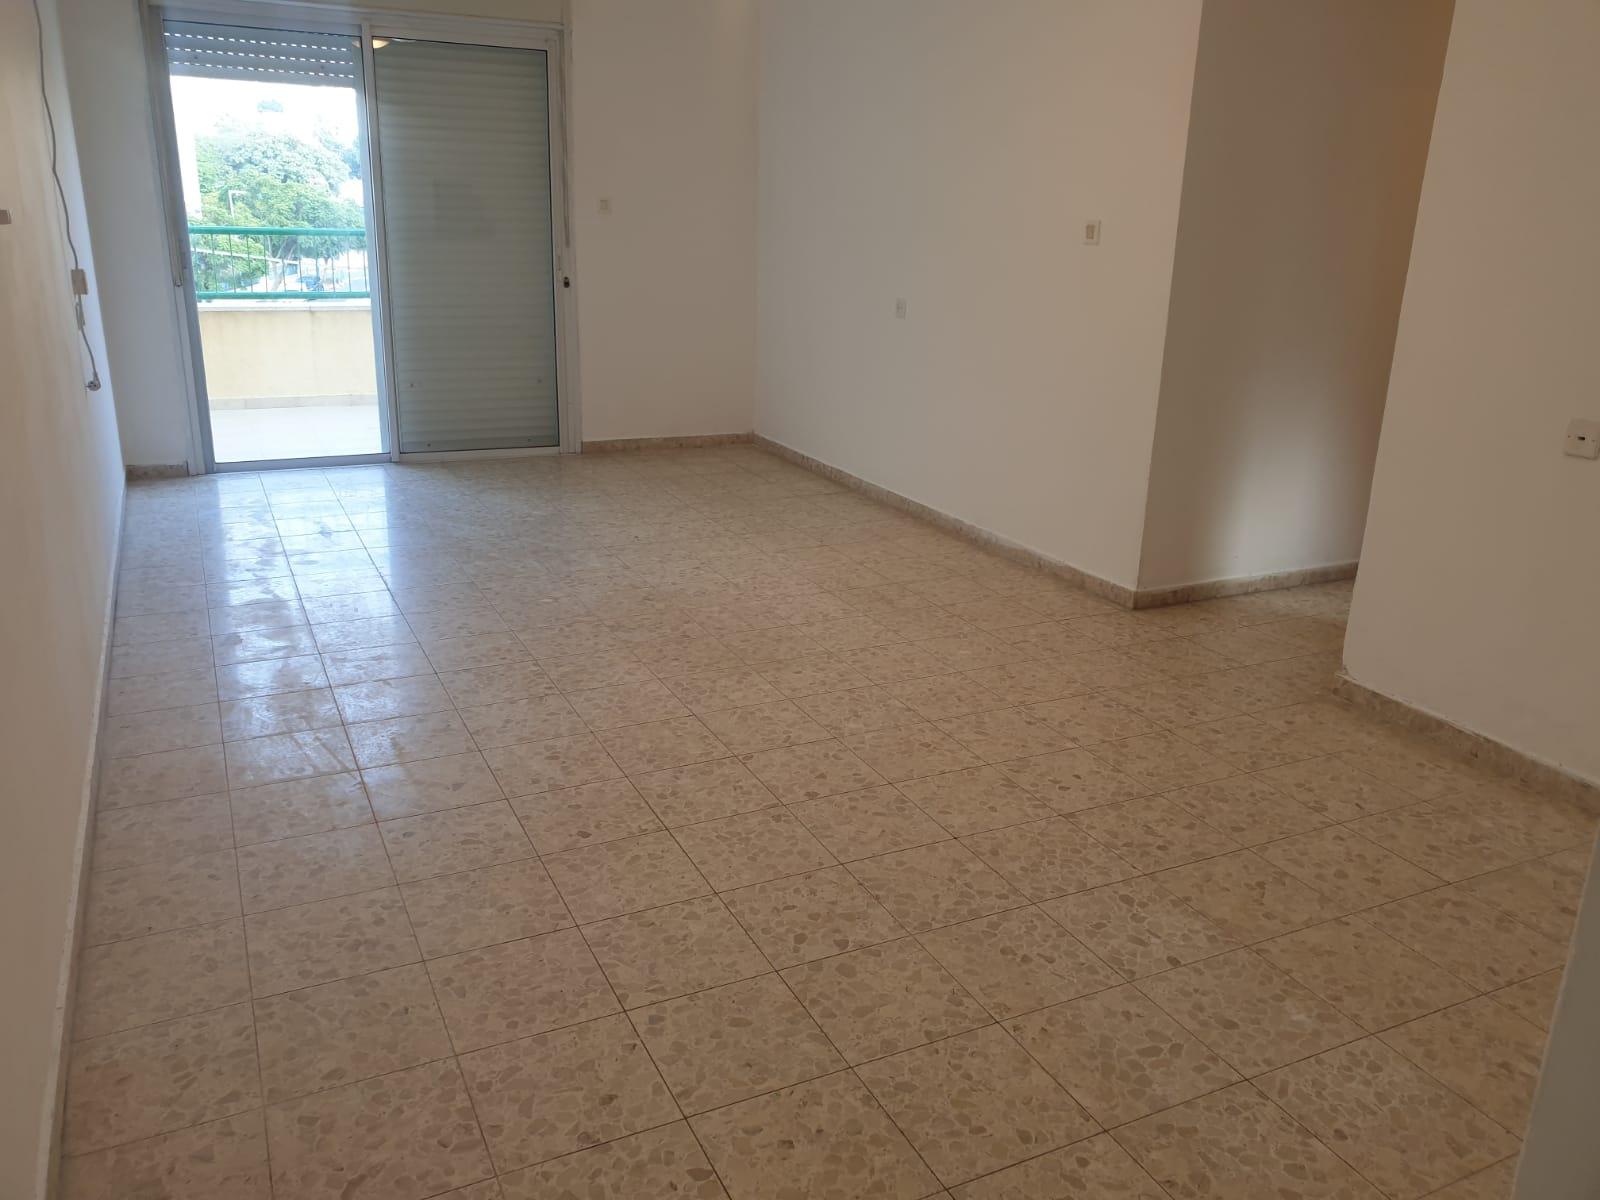 דירה ל השכרה 3 חדרים באלעד